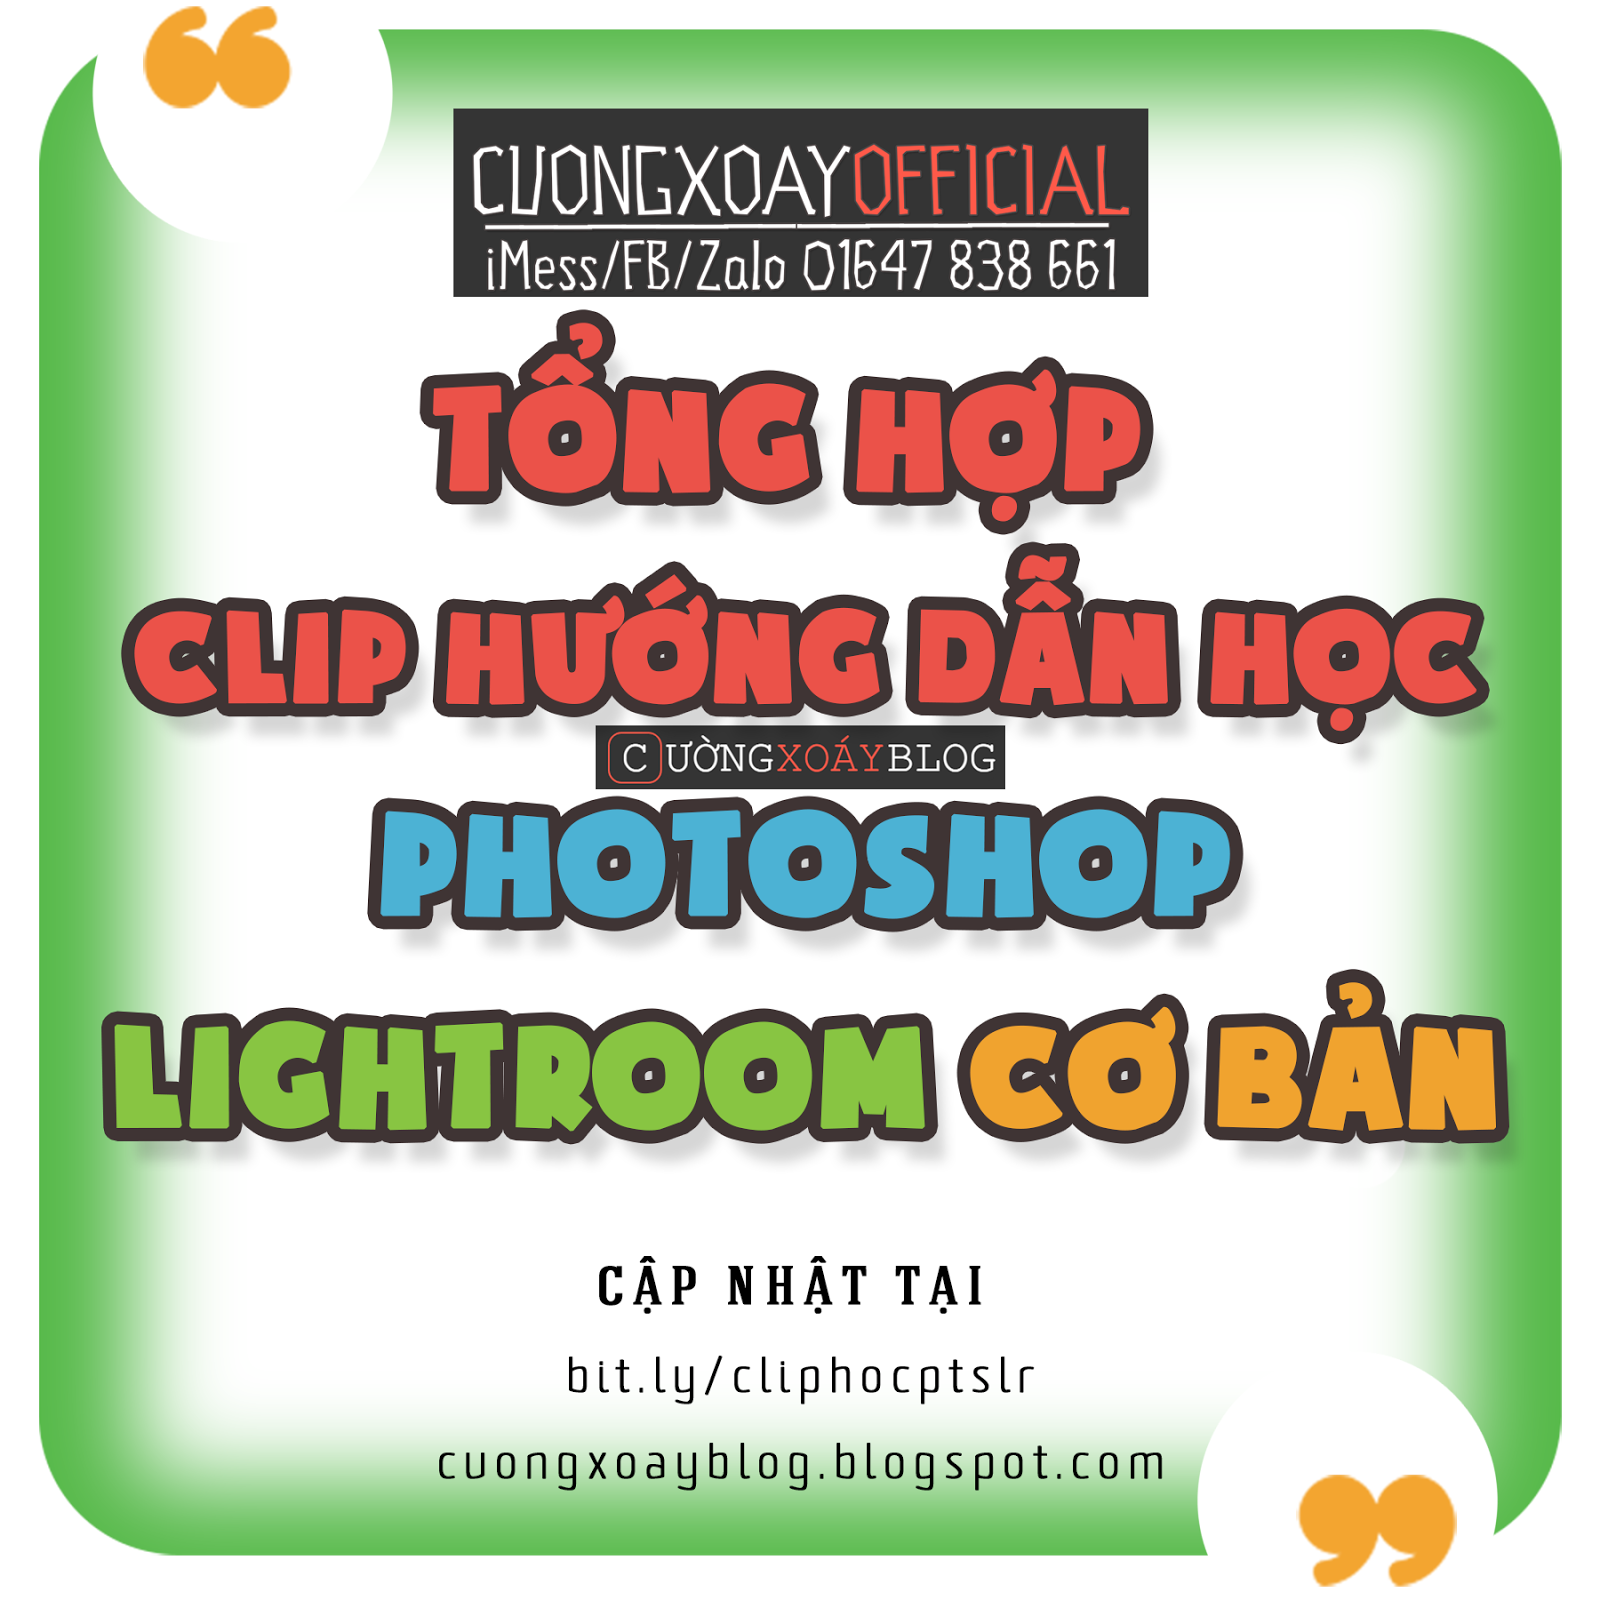 TỔNG HỢP CLIP HƯỚNG DẪN HỌC PHOTOSHOP VÀ LIGHTROOM CƠ BẢN và Tự học ở nhà! TỔNG HỢP CLIP HƯỚNG DẪN HỌC PHOTOSHOP VÀ LIGHTROOM CƠ BẢN và Tự học ở nhà! TỔNG HỢP CLIP HƯỚNG DẪN HỌC PHOTOSHOP VÀ LIGHTROOM CƠ BẢN và Tự học ở nhà! TỔNG HỢP CLIP HƯỚNG DẪN HỌC PHOTOSHOP VÀ LIGHTROOM CƠ BẢN và Tự học ở nhà! TỔNG HỢP CLIP HƯỚNG DẪN HỌC PHOTOSHOP VÀ LIGHTROOM CƠ BẢN và Tự học ở nhà! TỔNG HỢP CLIP HƯỚNG DẪN HỌC PHOTOSHOP VÀ LIGHTROOM CƠ BẢN và Tự học ở nhà!